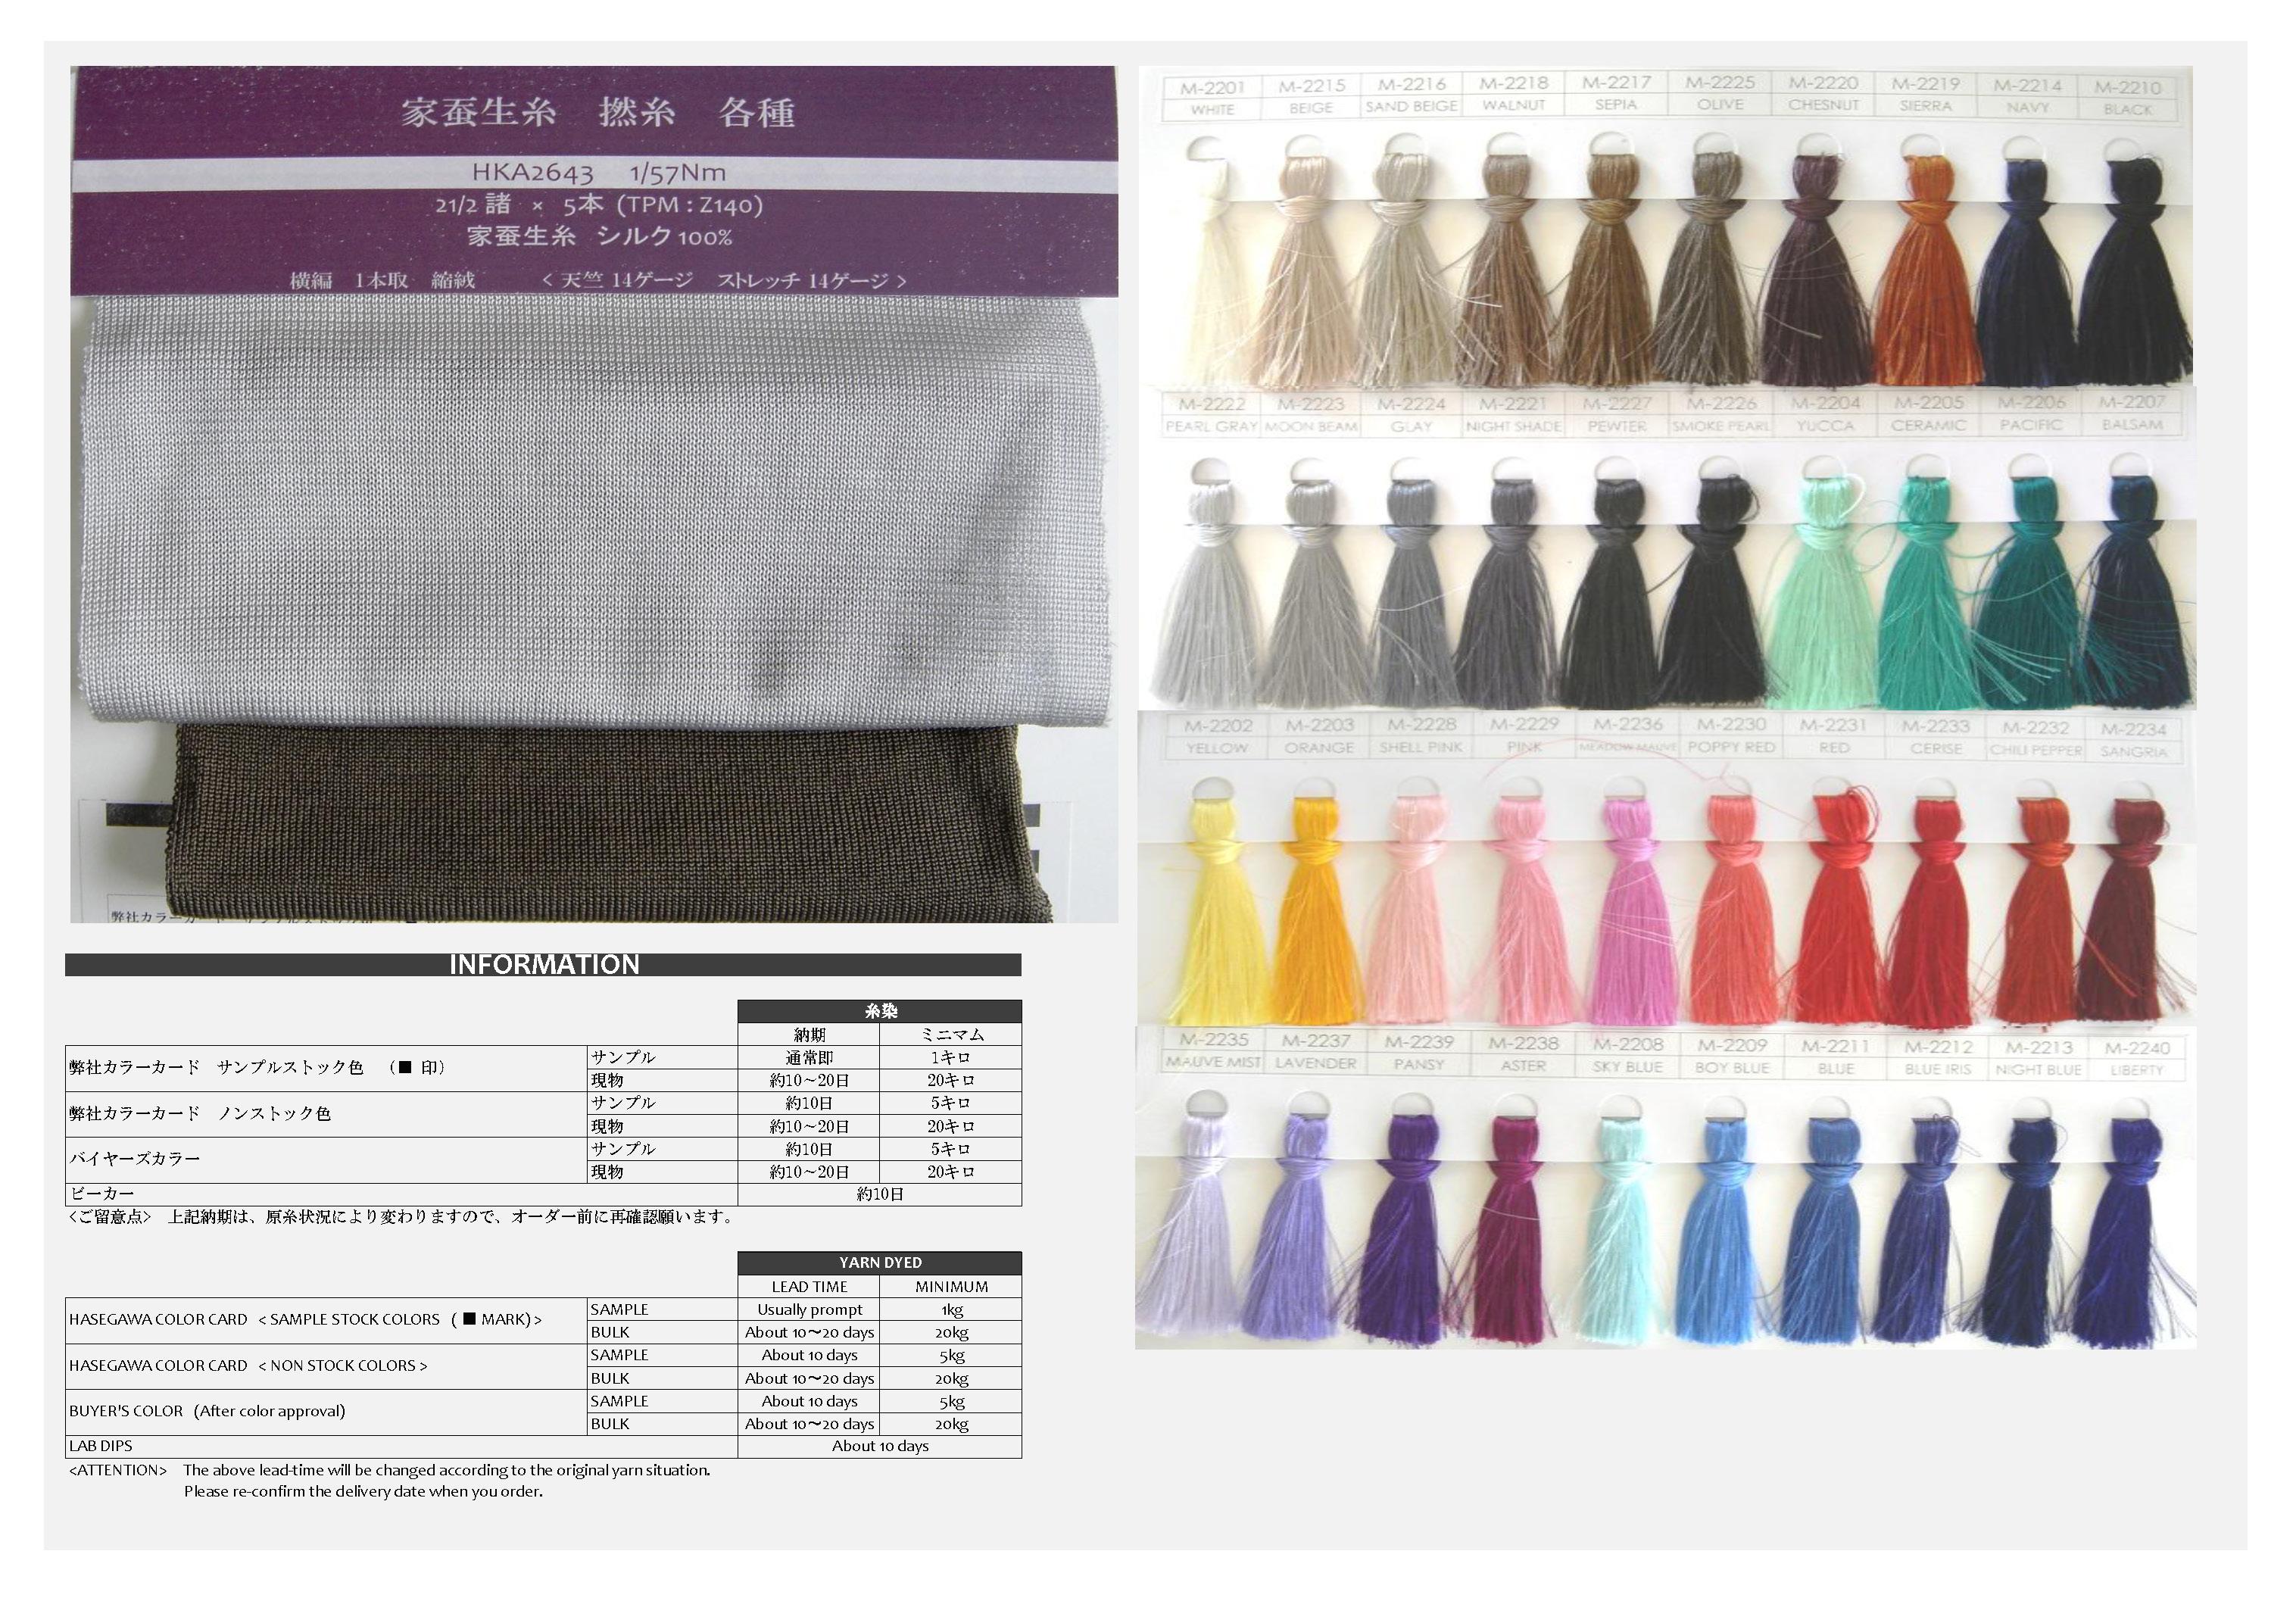 新商品のご案内  – 家蚕生糸 撚糸 HKA2643 –